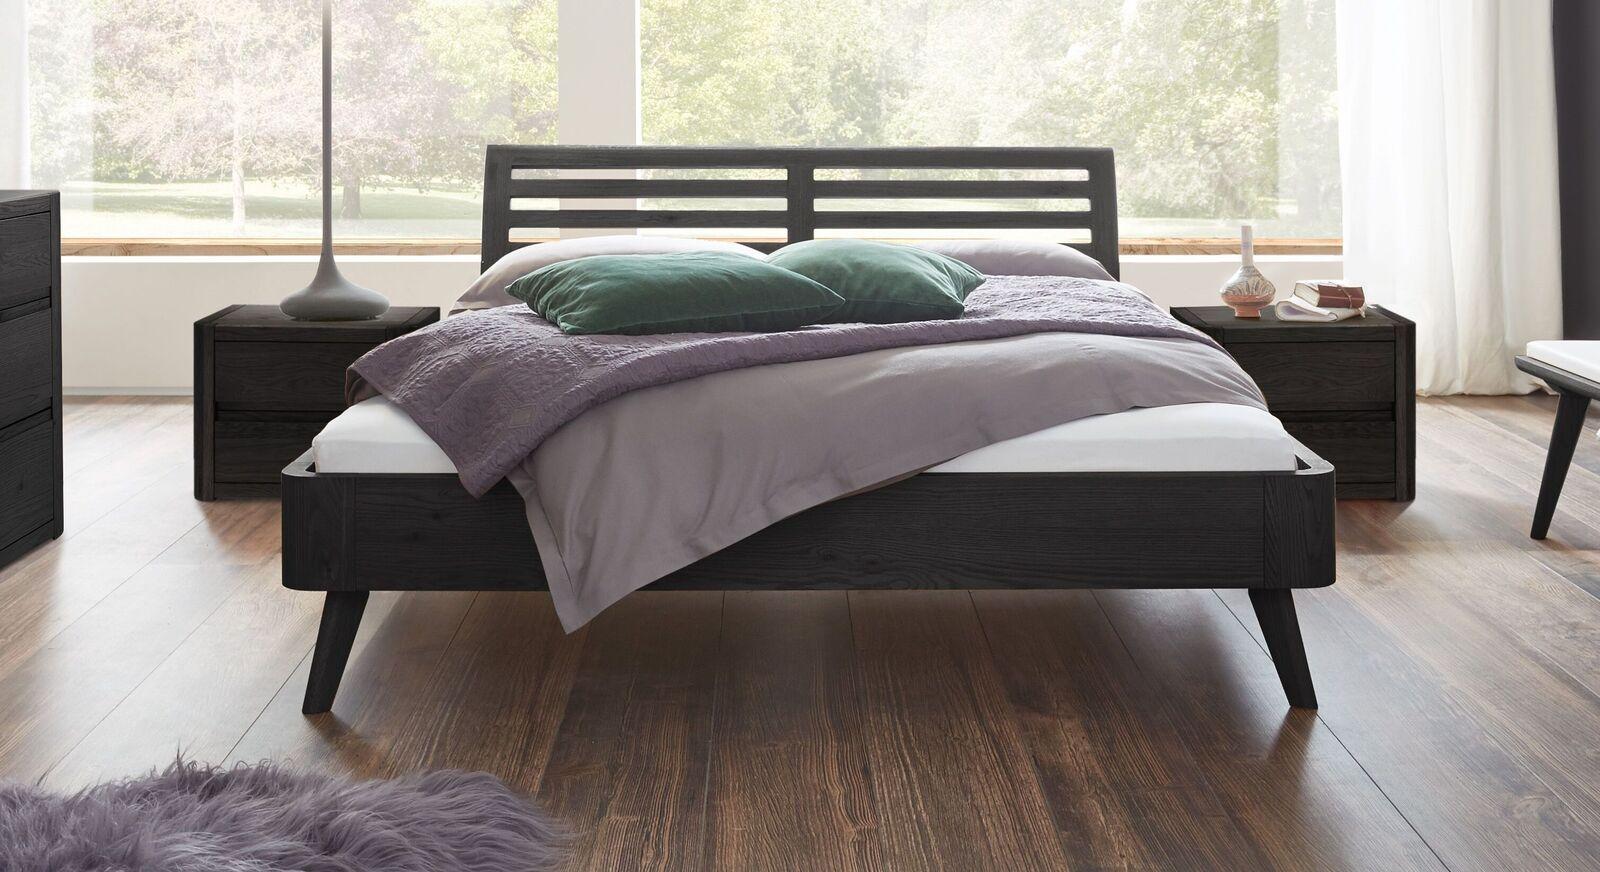 Bett Santa Rosa aus graphitfarbener Eiche